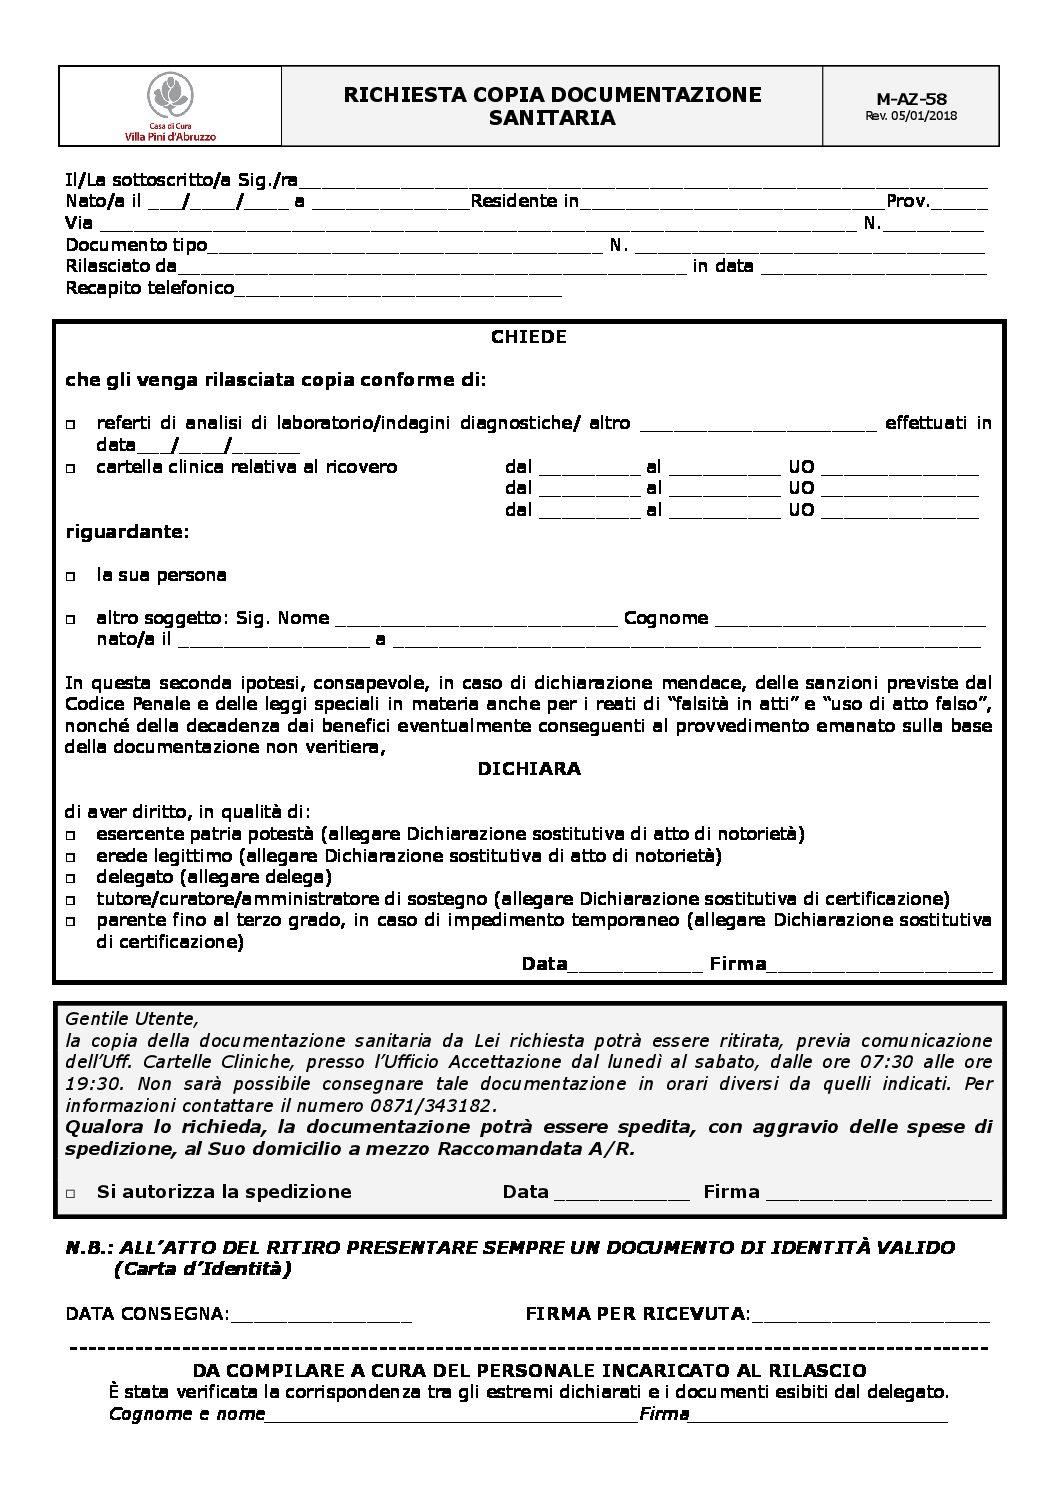 RICHIESTA-COPIA-DOCUMENTAZIONE-SANITARIA-2